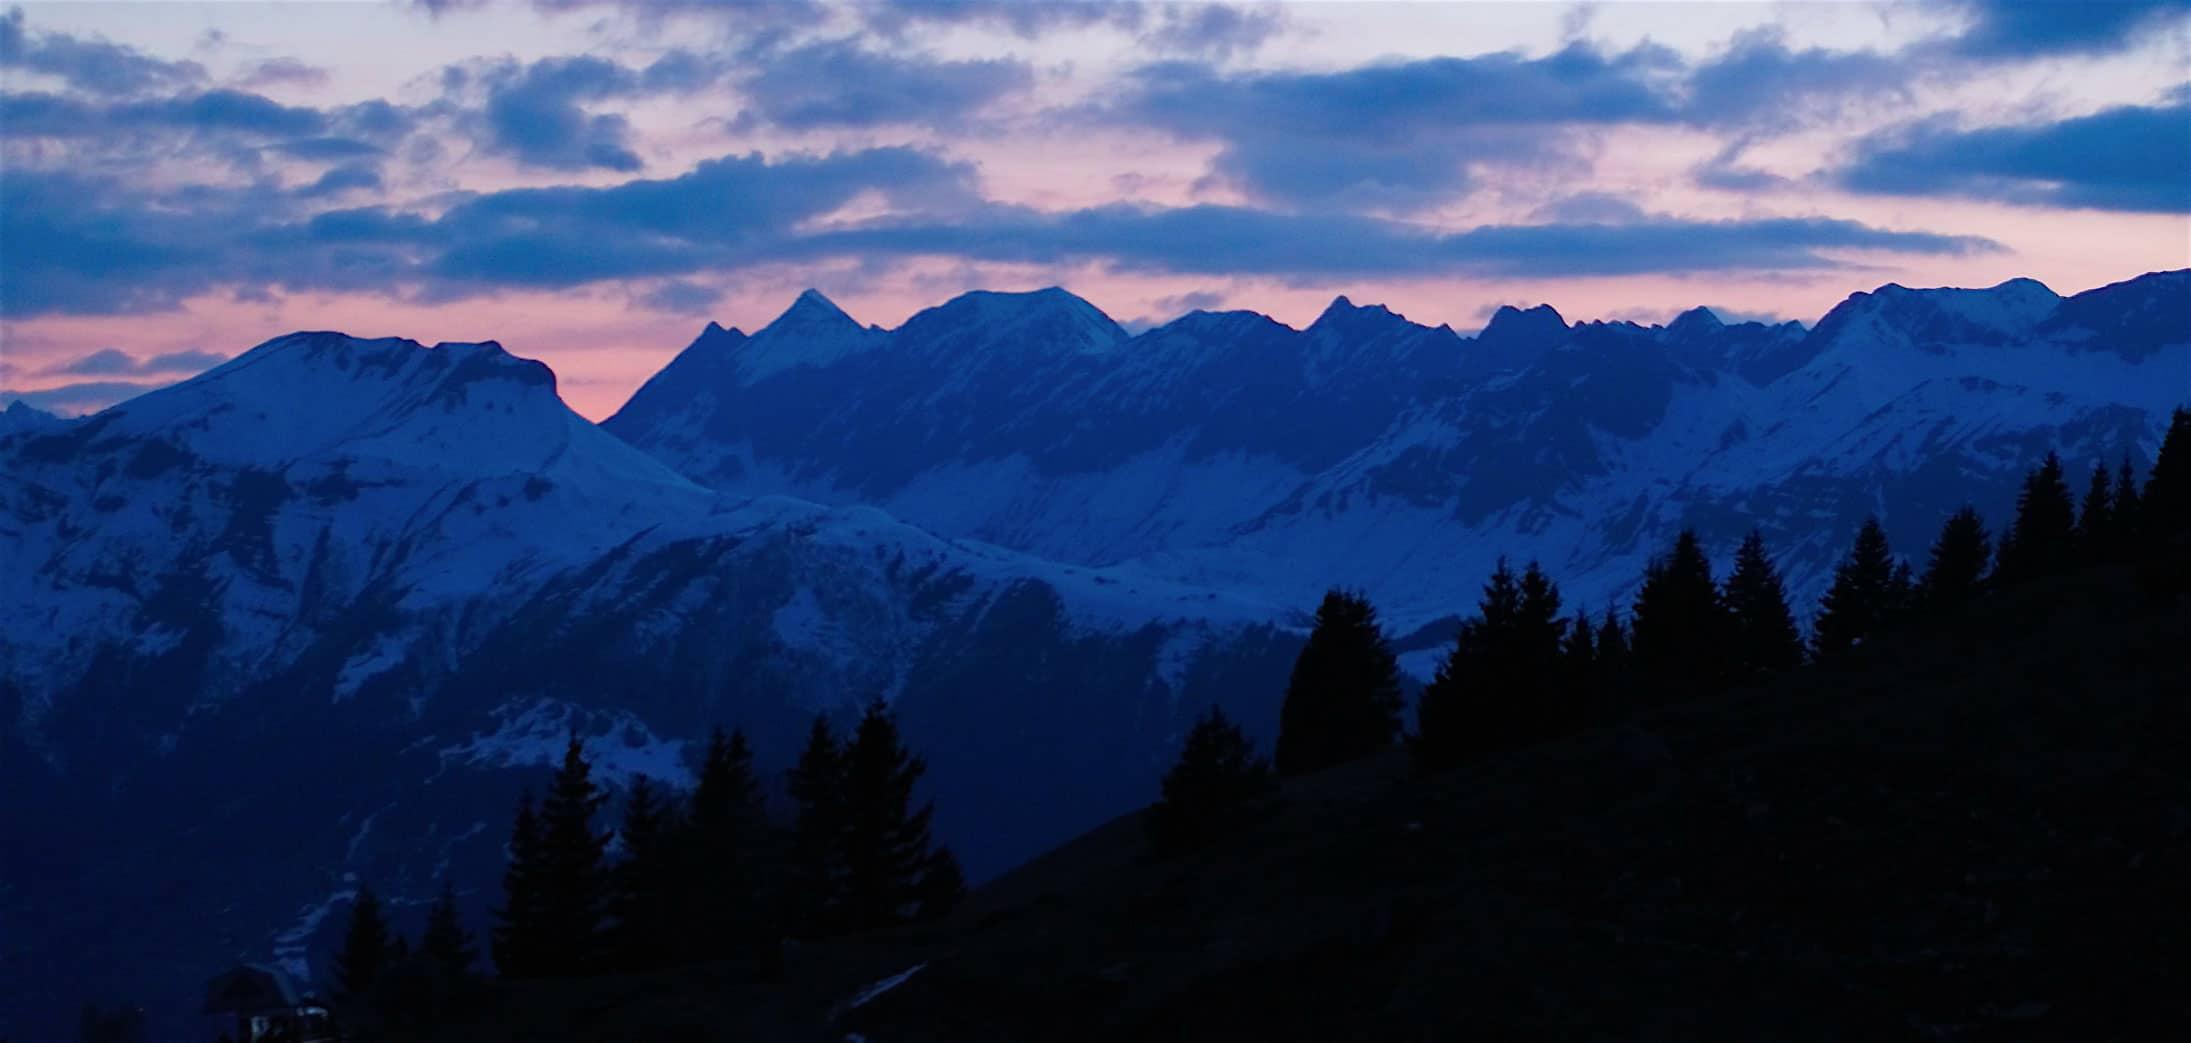 Montagne de nuit par drone